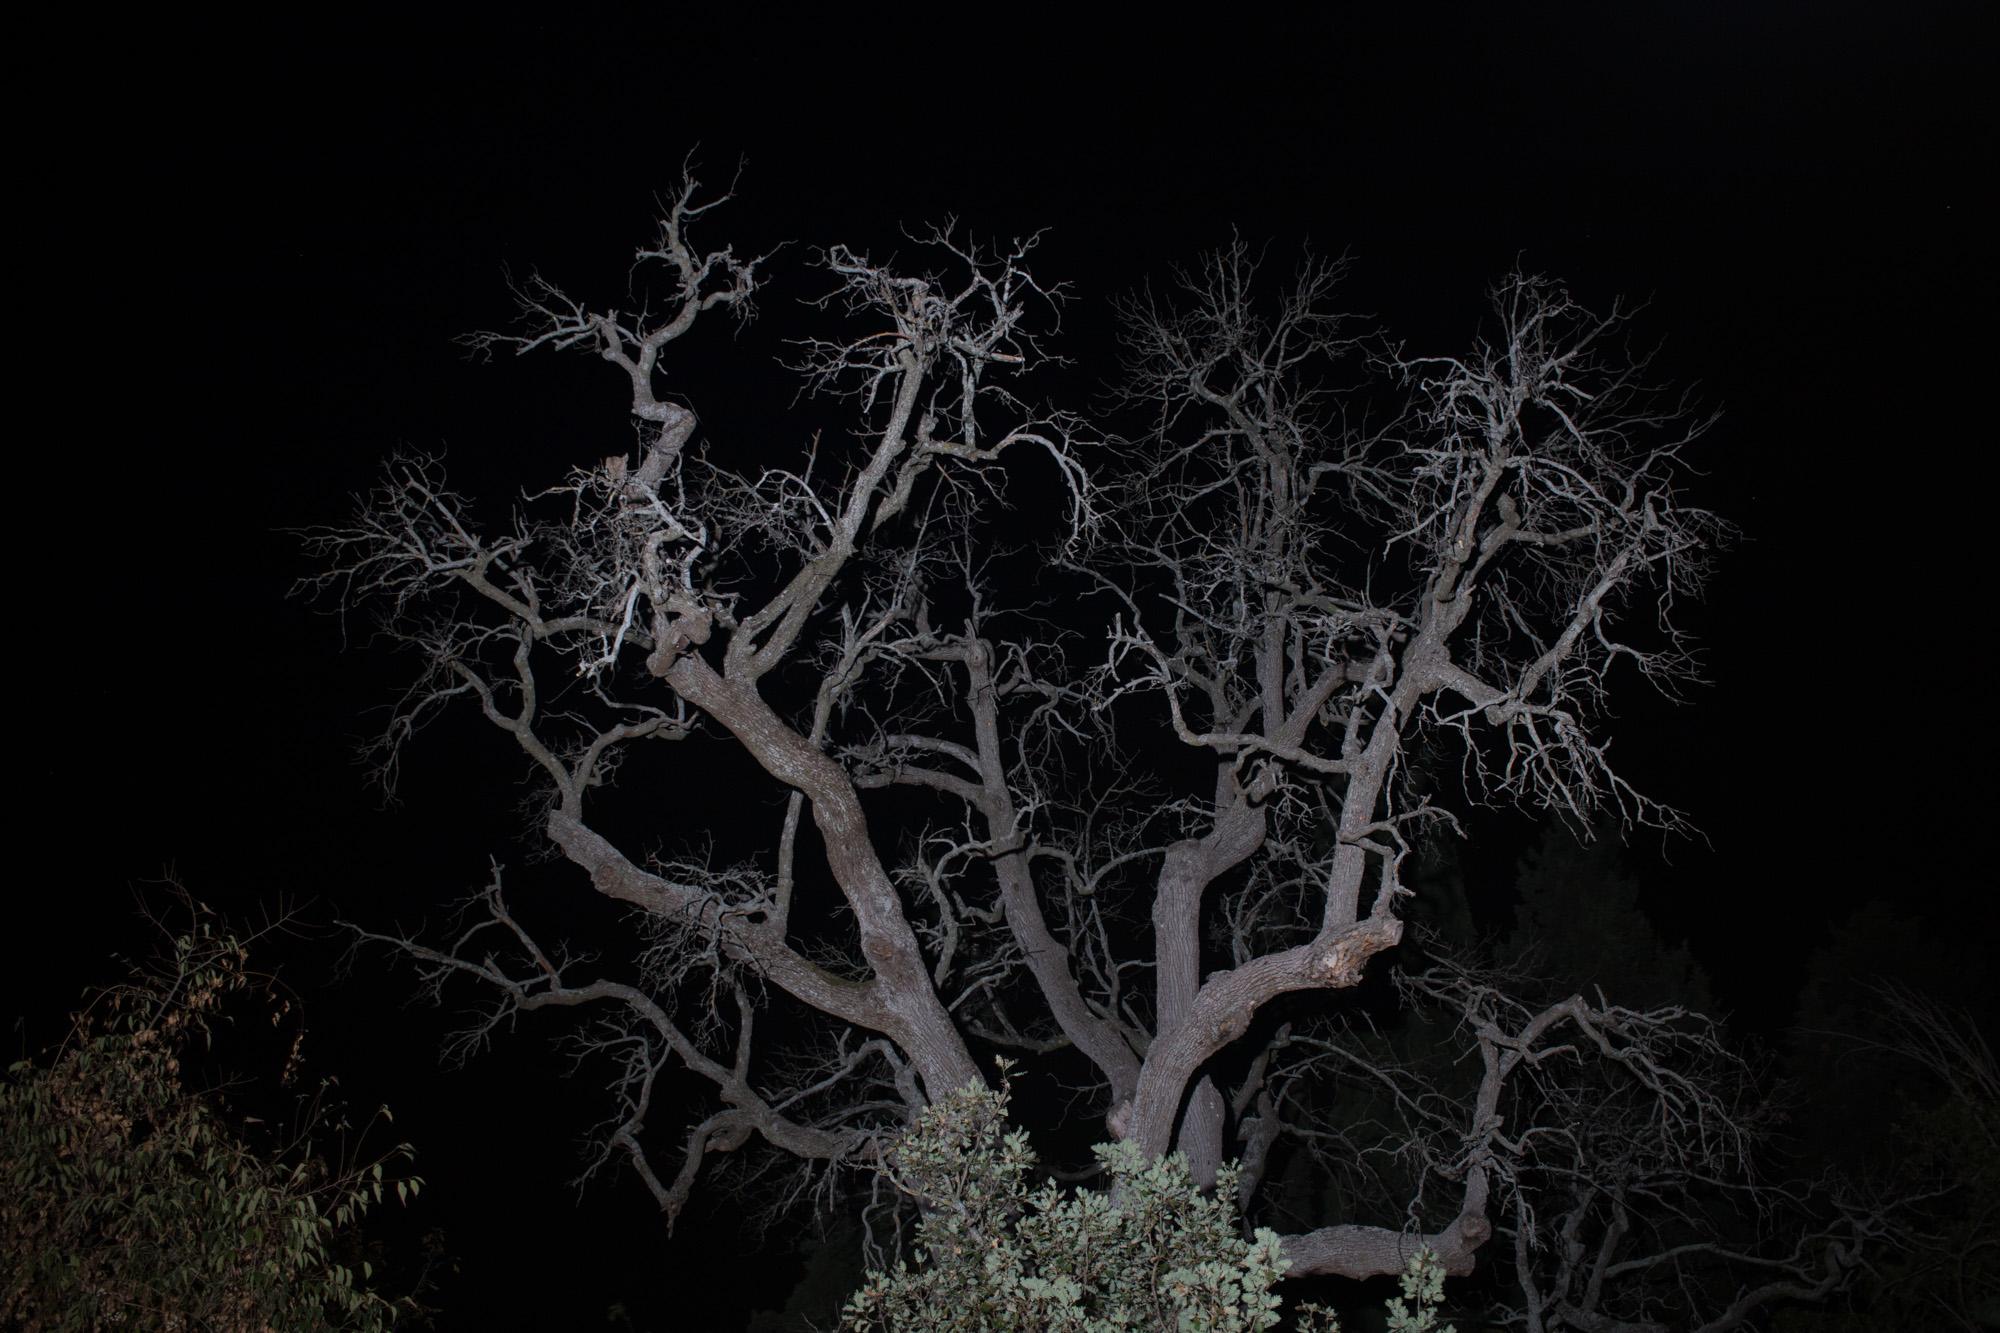 Il bello essenziale nella fotografia notturna 10